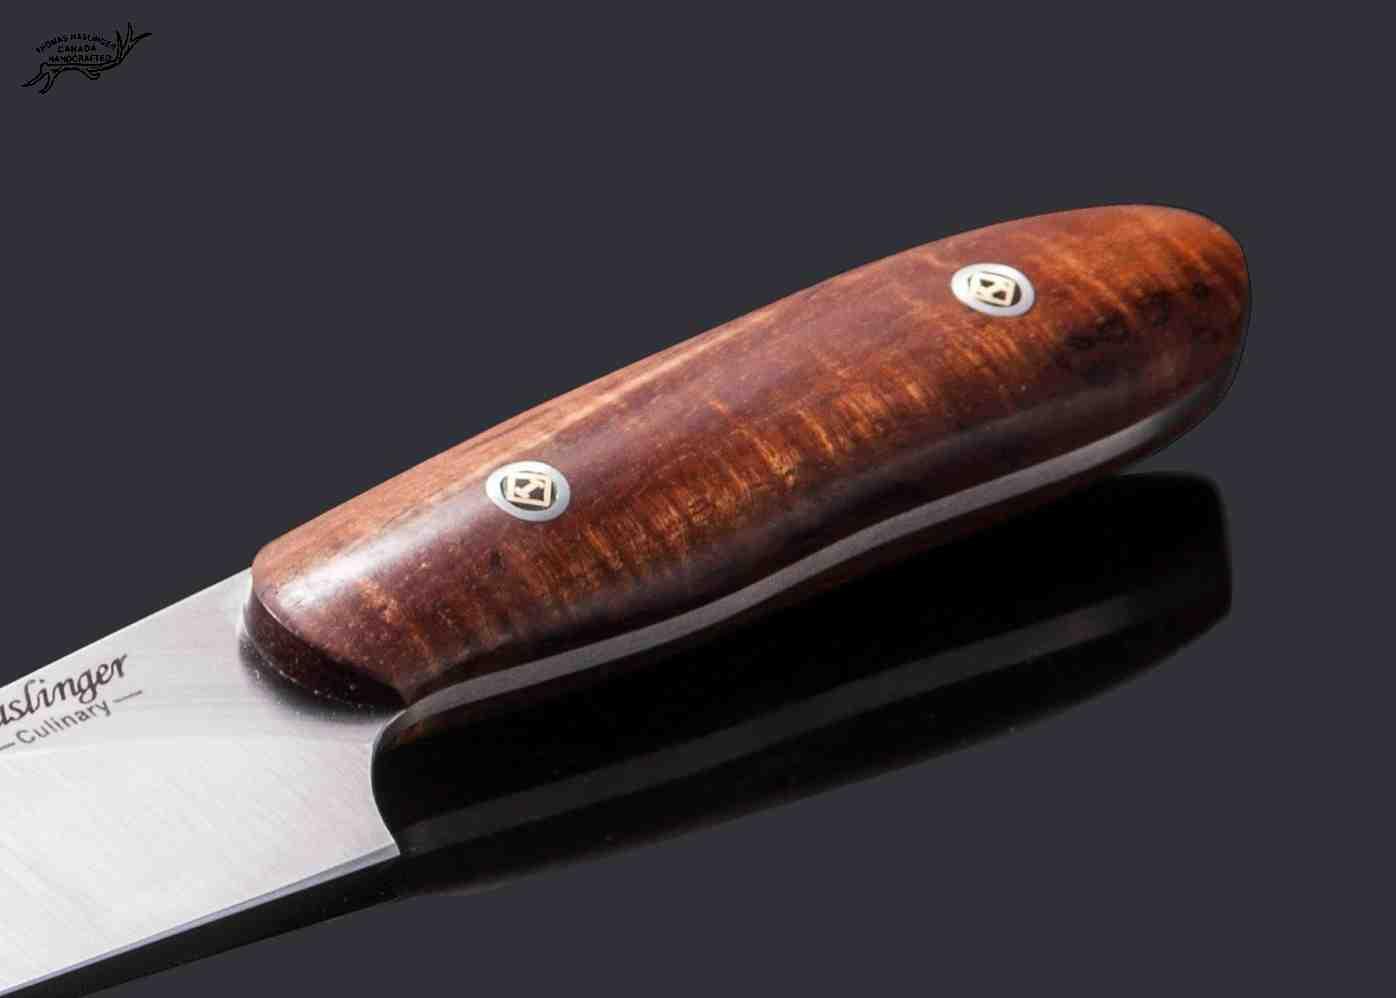 Santuko paring knife handled in spalted koa - handle view